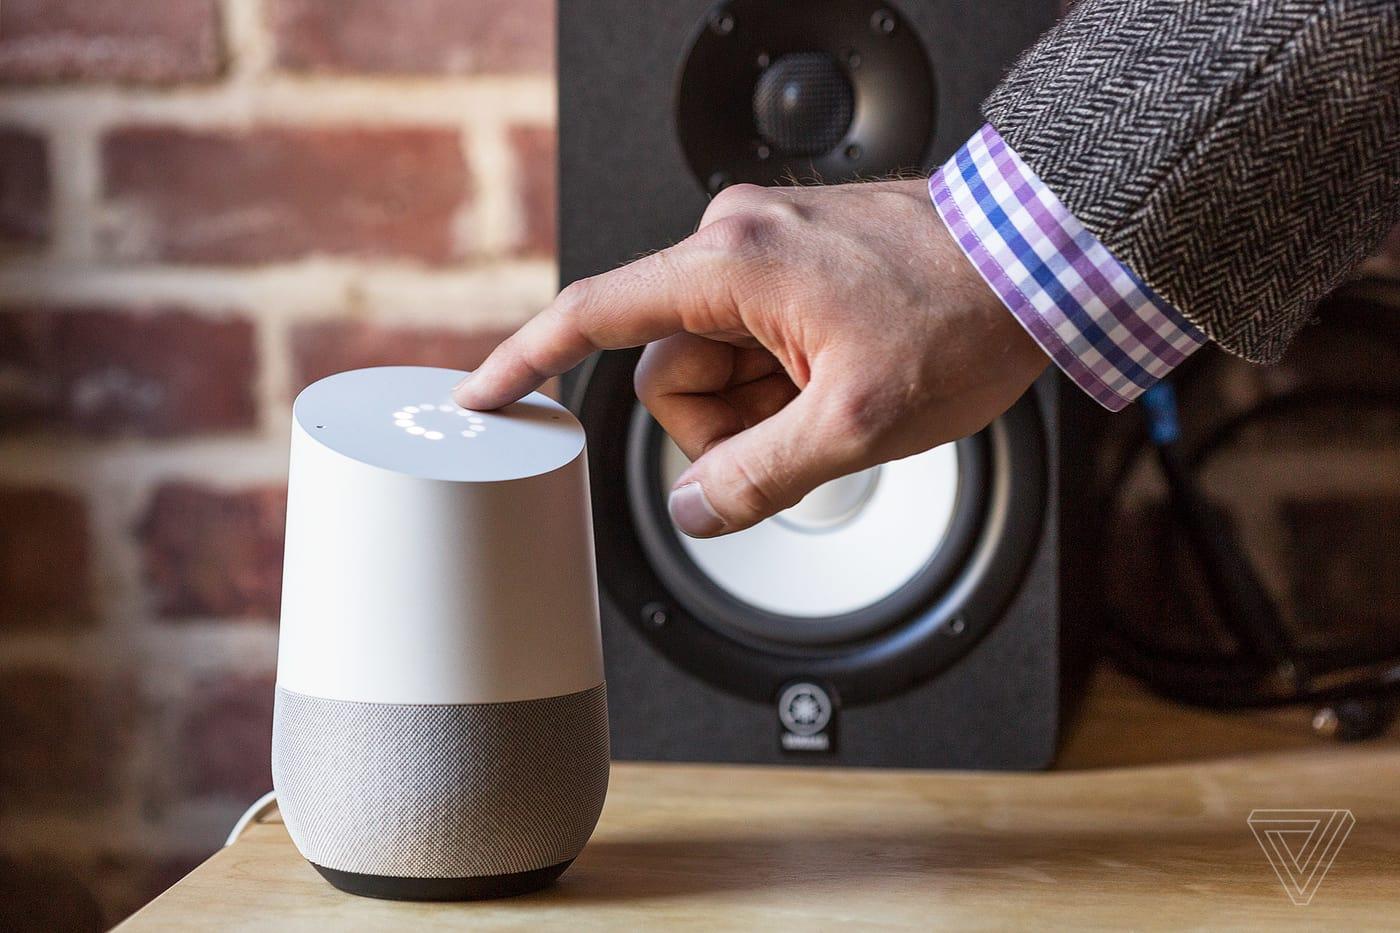 """Bạn đã có thể """"ra lệnh"""" cho Google """"chuyển nhạc"""" từ phòng này sang phòng khác trong nhà"""